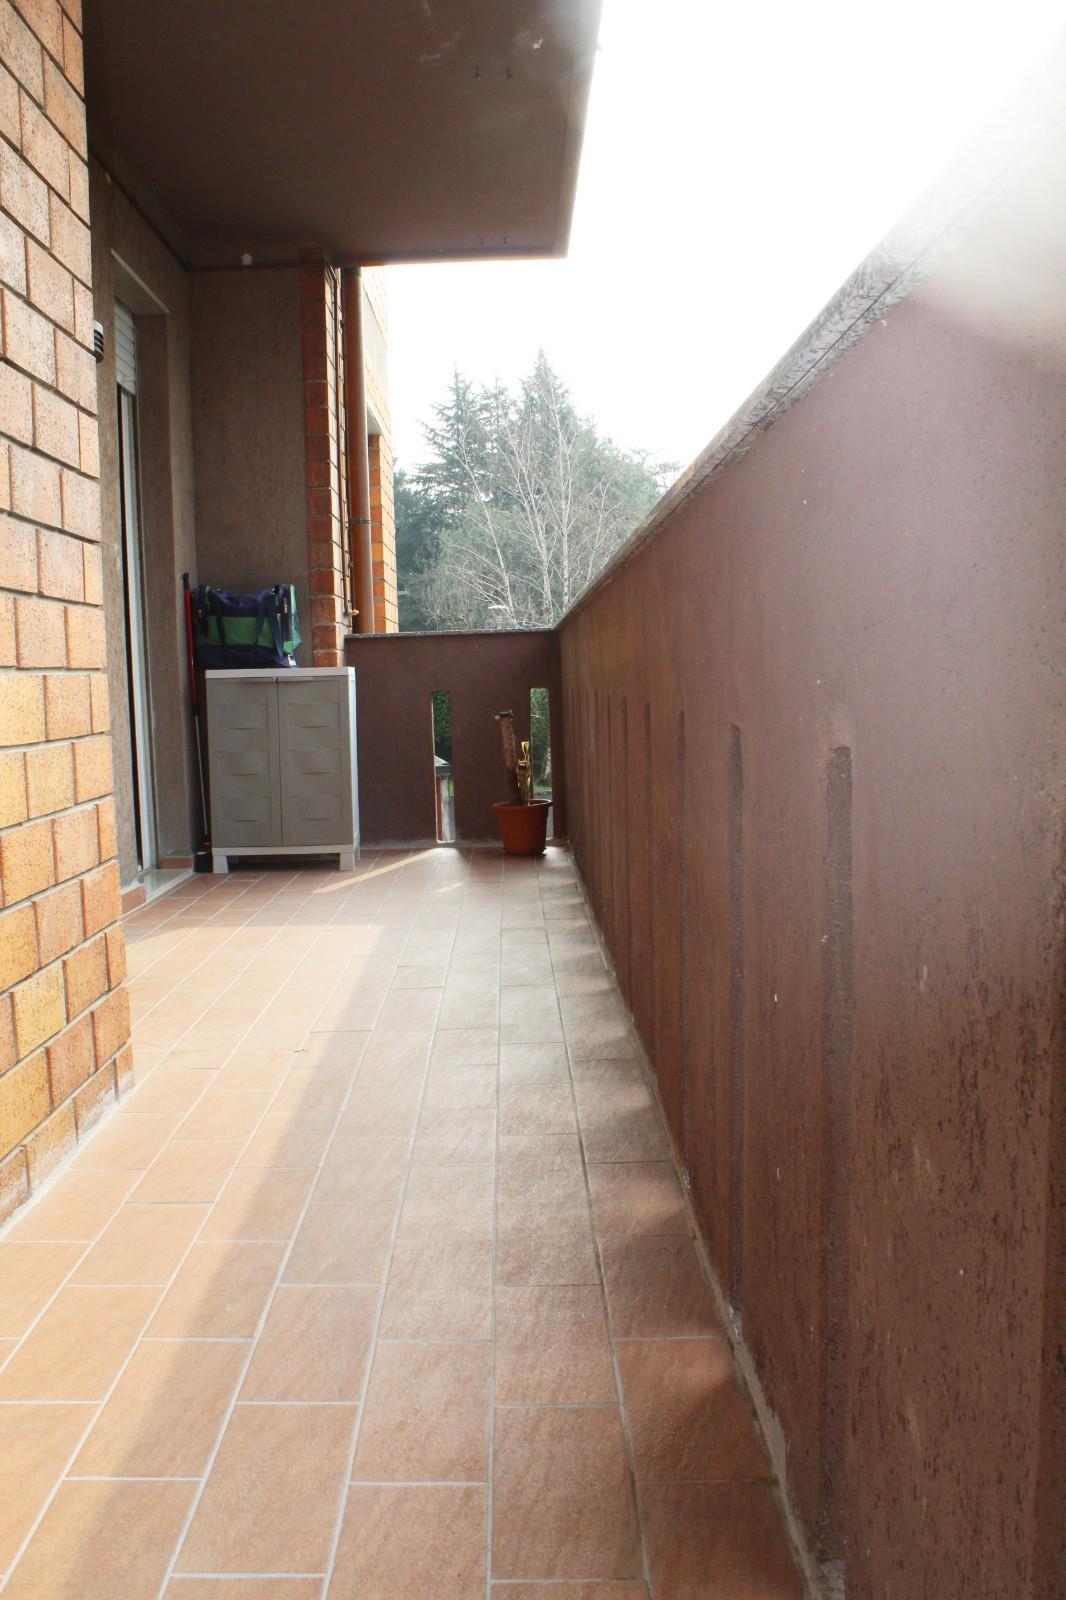 Foto 13 - Appartamento in Vendita - Carate Brianza (Monza e Brianza)